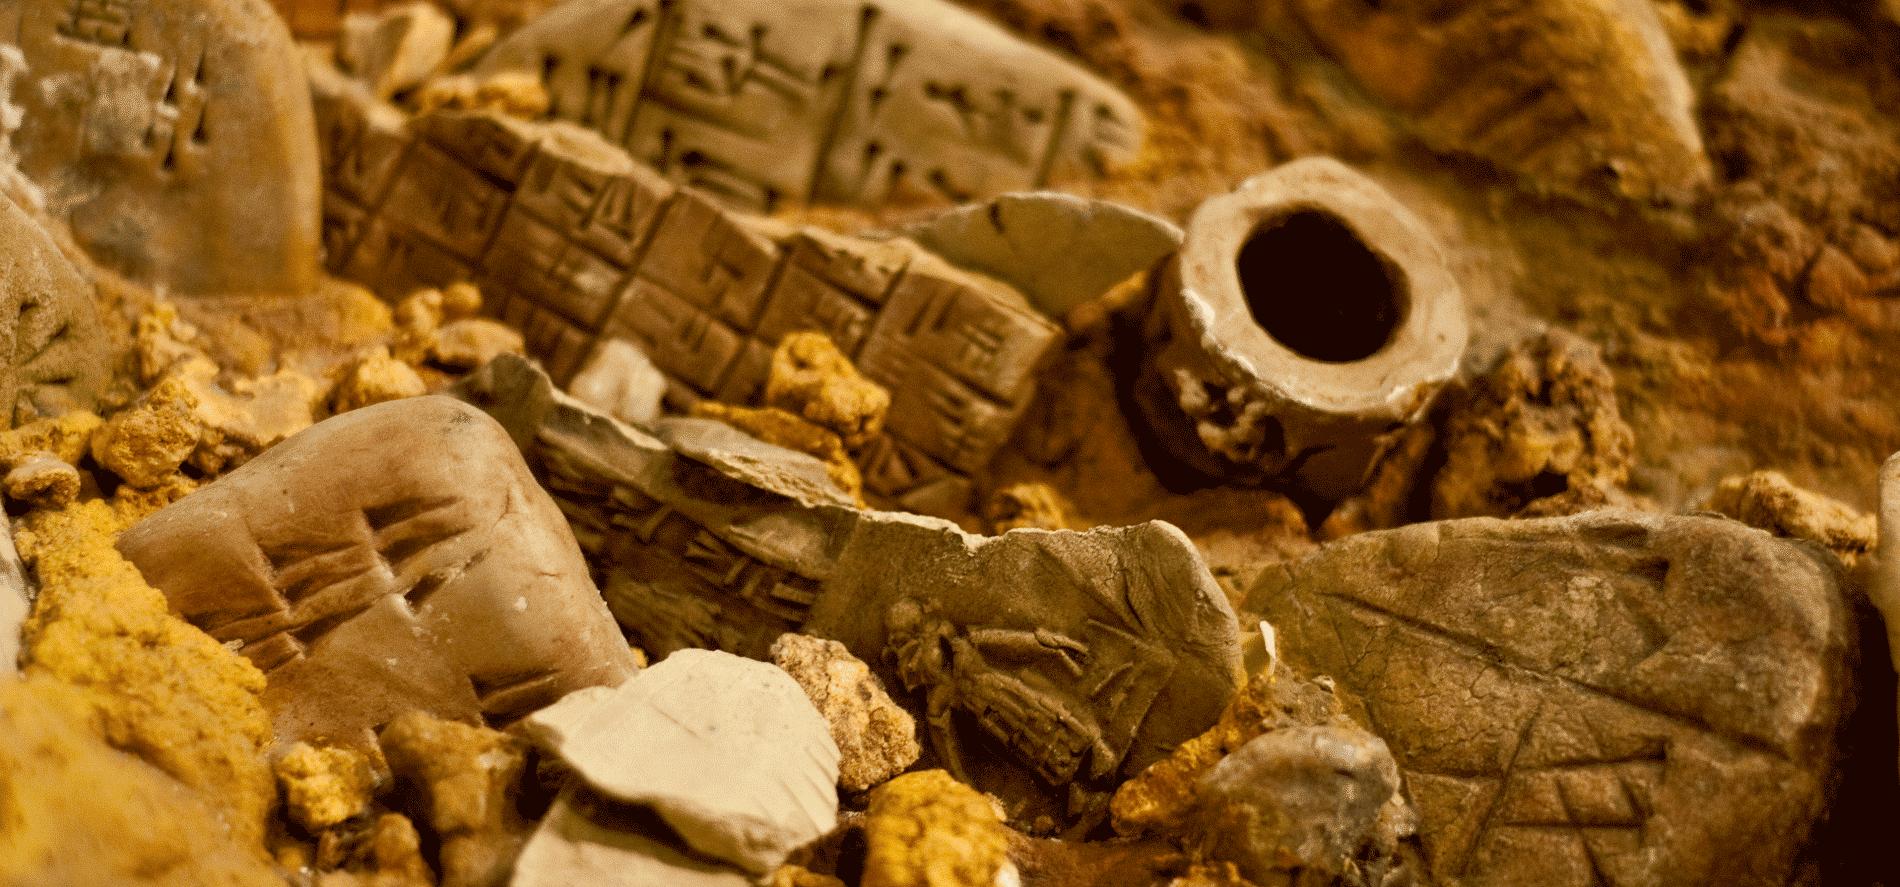 Arheologie3